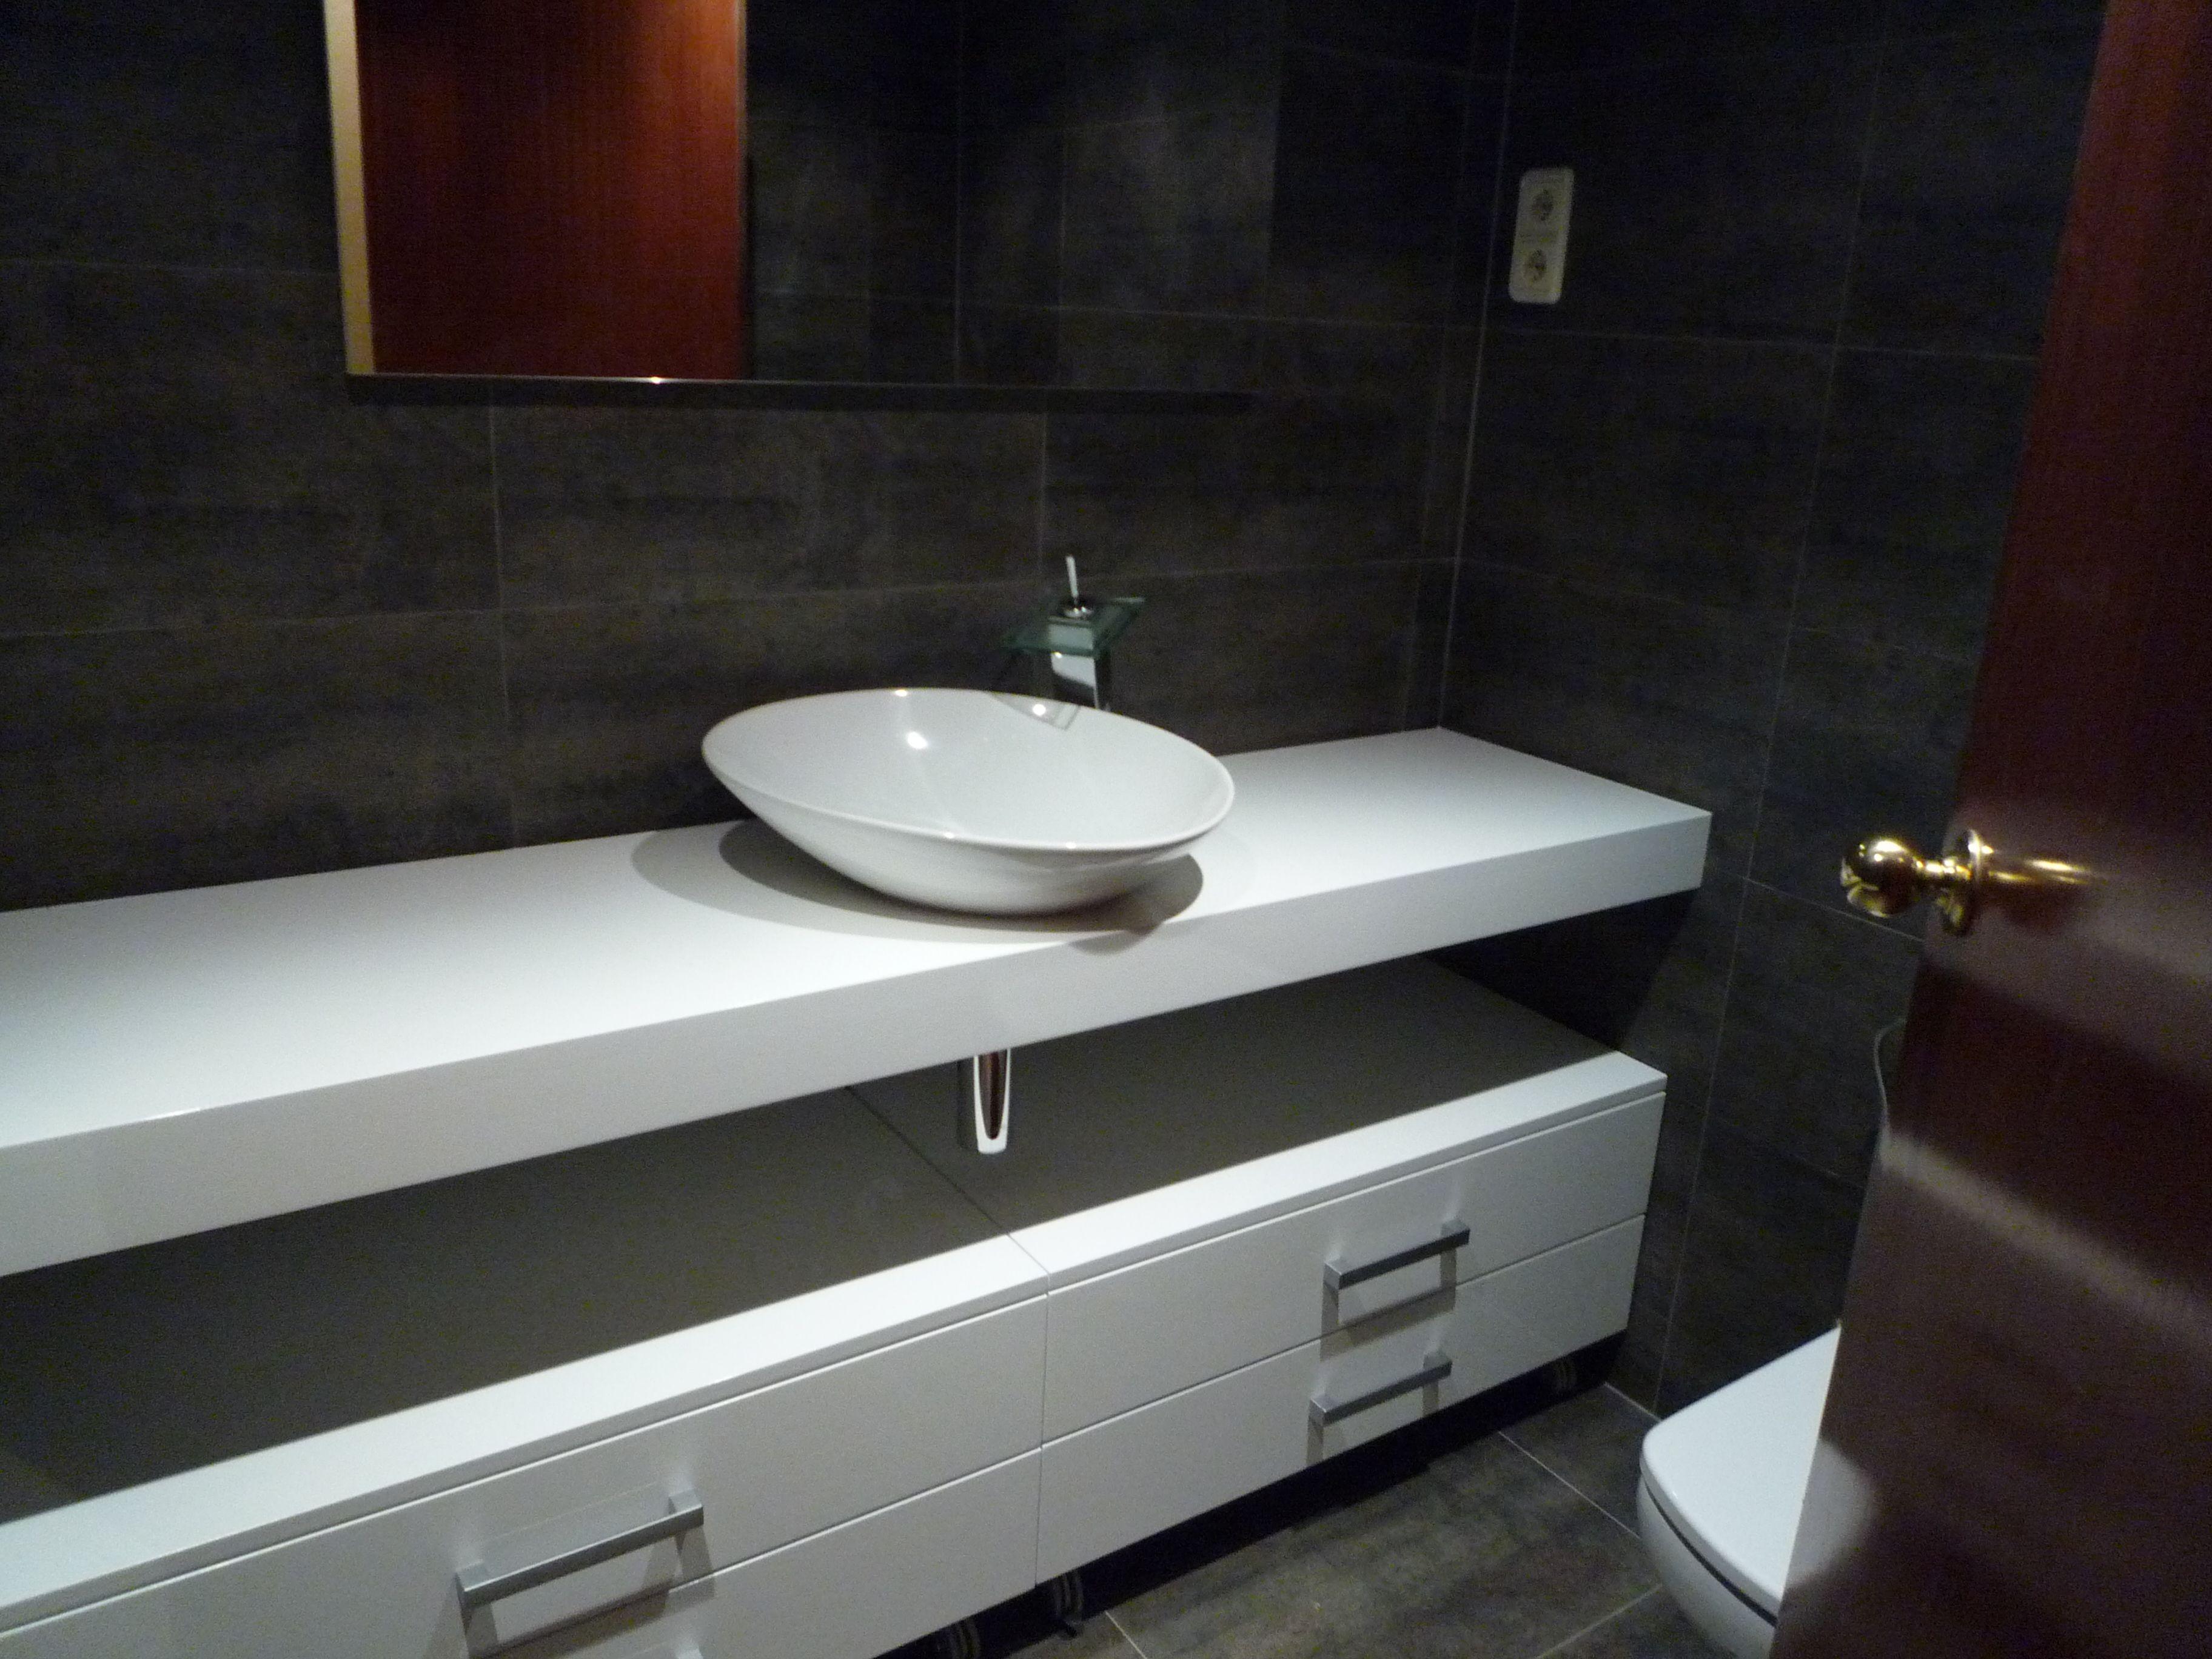 Ba o en blanco y negro mueble a medida con lavabo sobre for Lavabos pequenos con mueble